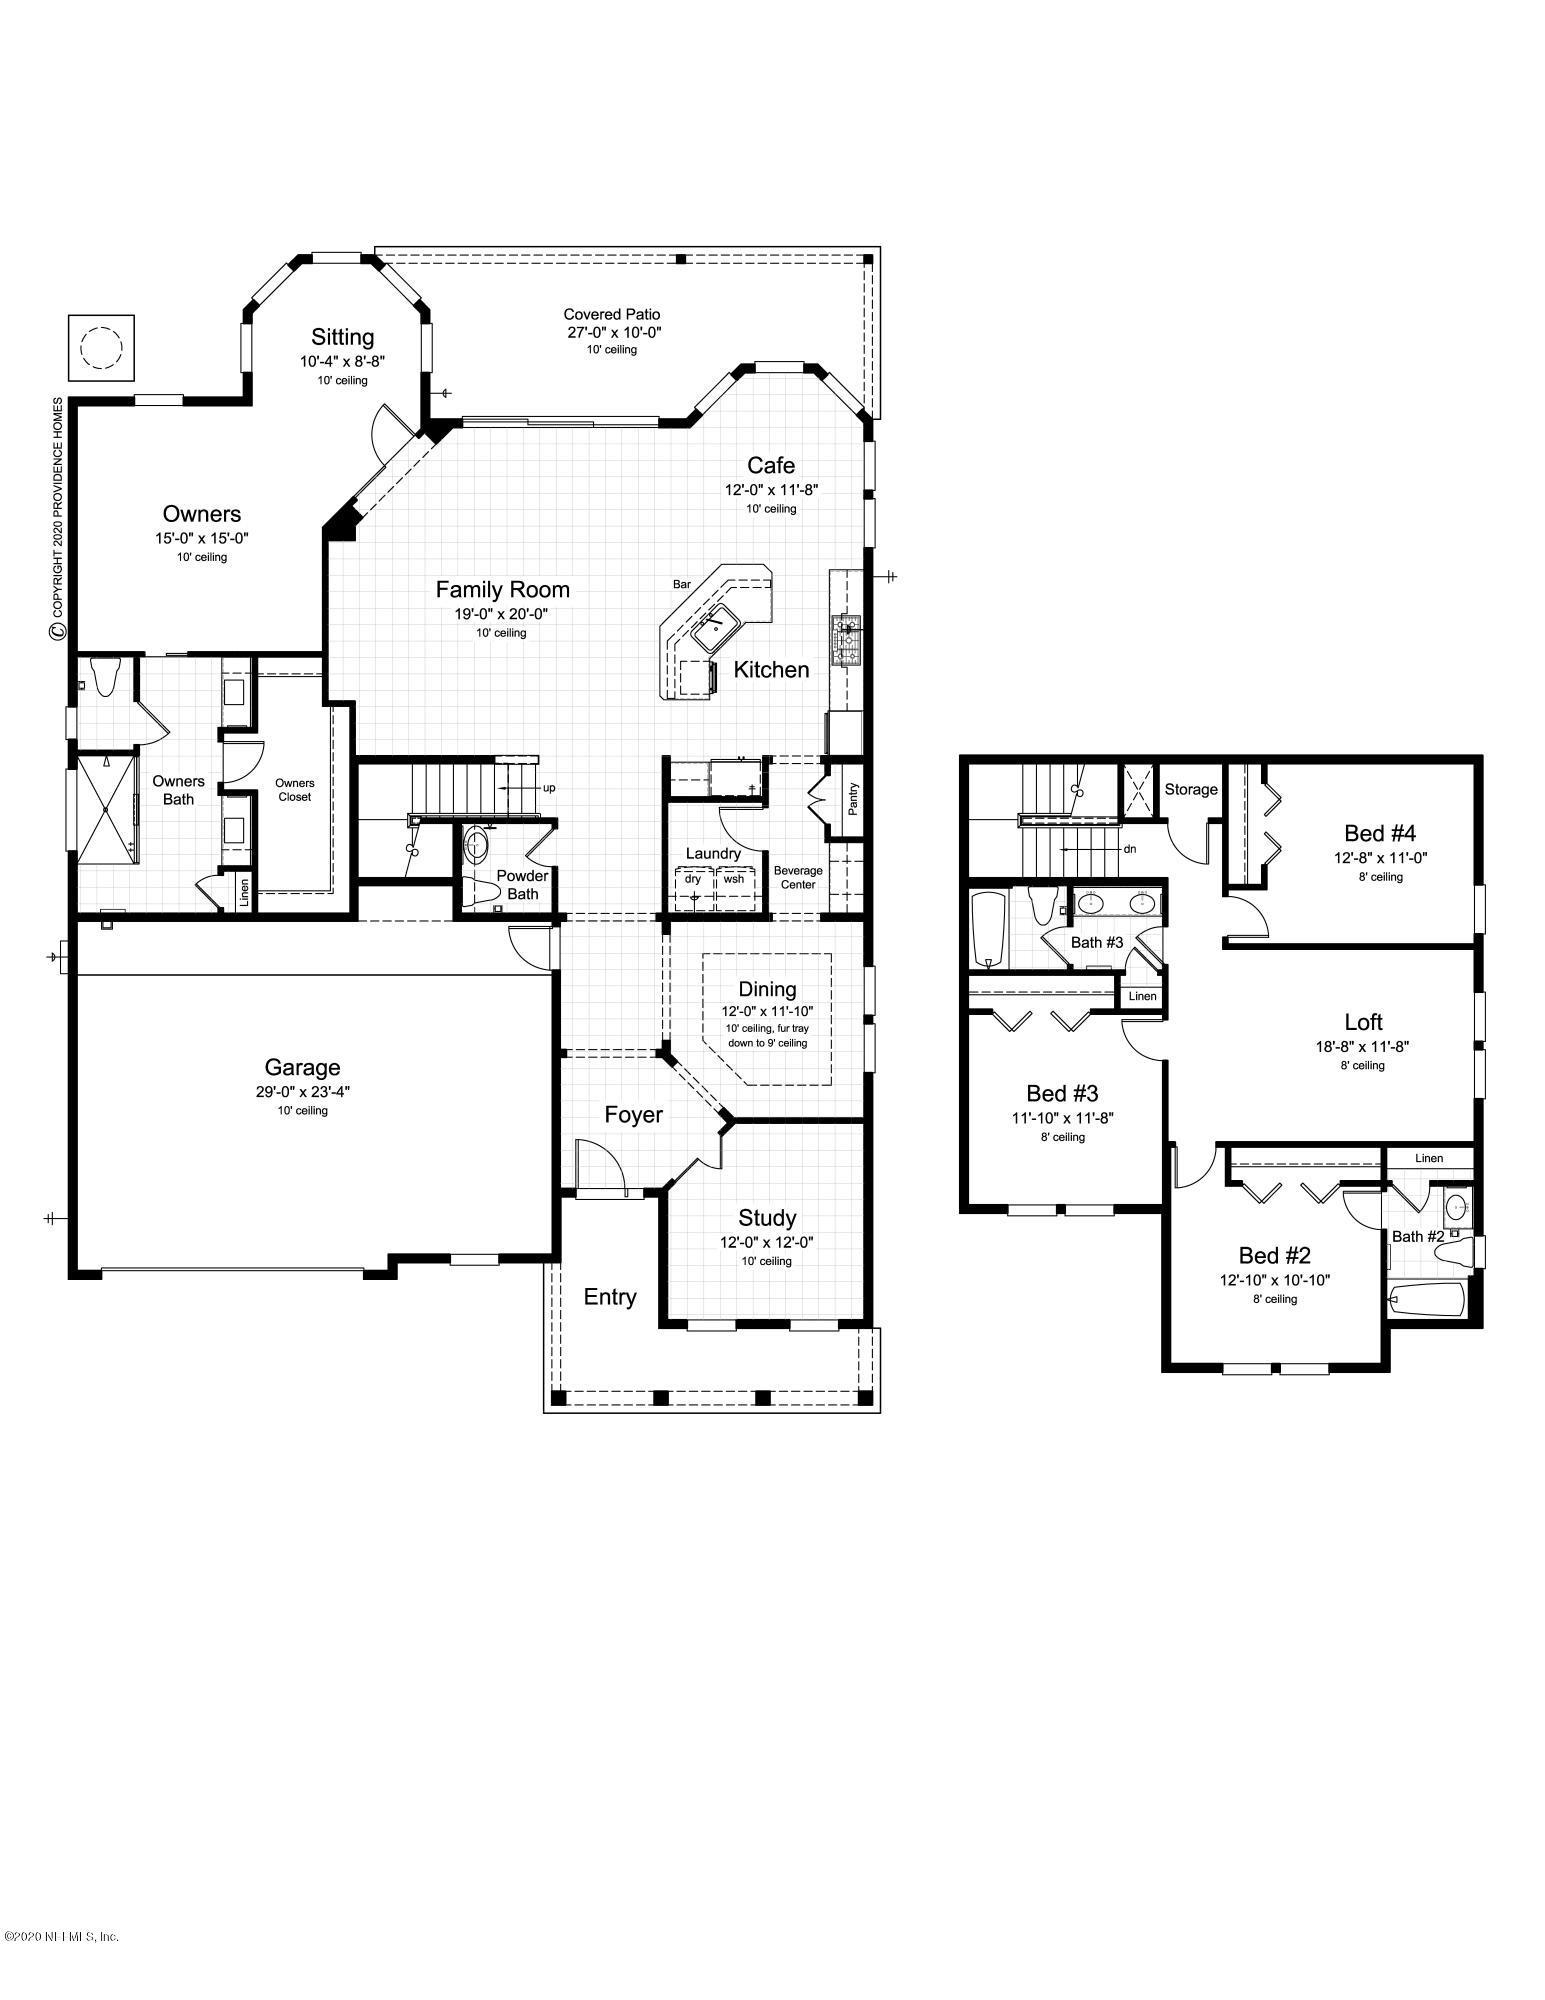 930 CROSSWATER LAKE, PONTE VEDRA, FLORIDA 32081, 4 Bedrooms Bedrooms, ,3 BathroomsBathrooms,Residential,For sale,CROSSWATER LAKE,1069912